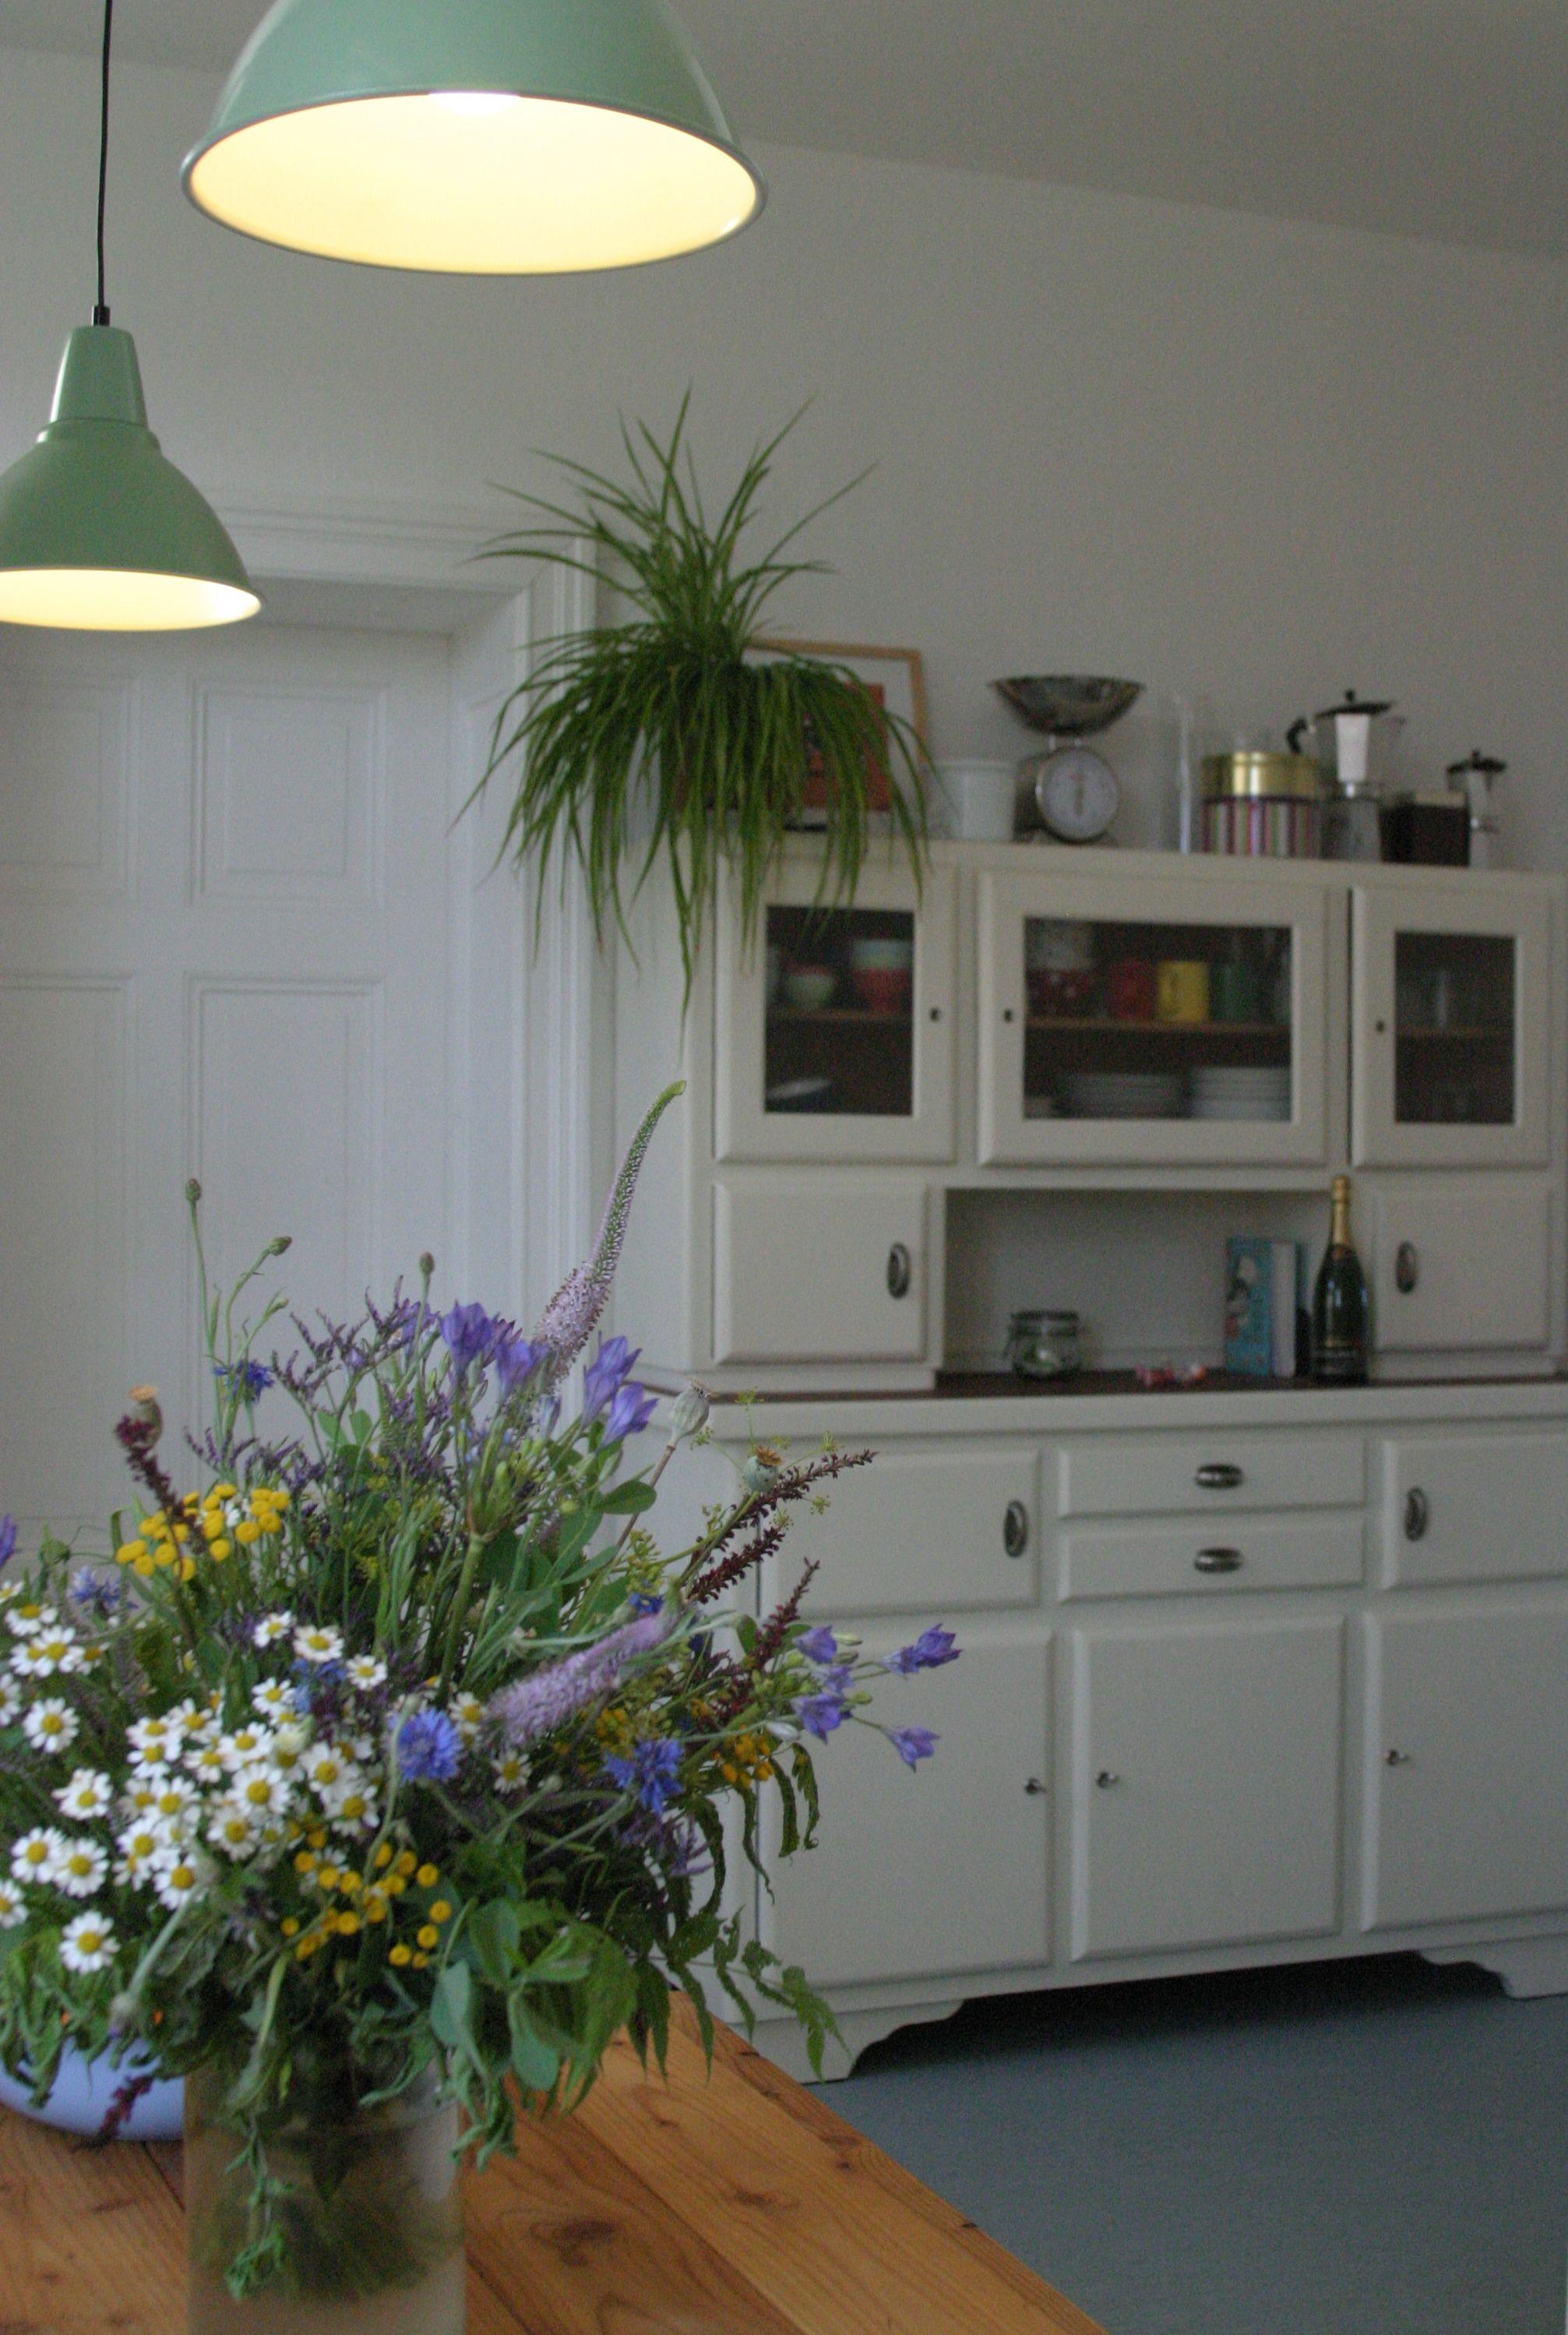 die alte k chenanrichte aus den 30ern erstrahlt in neuem glanz nebst. Black Bedroom Furniture Sets. Home Design Ideas